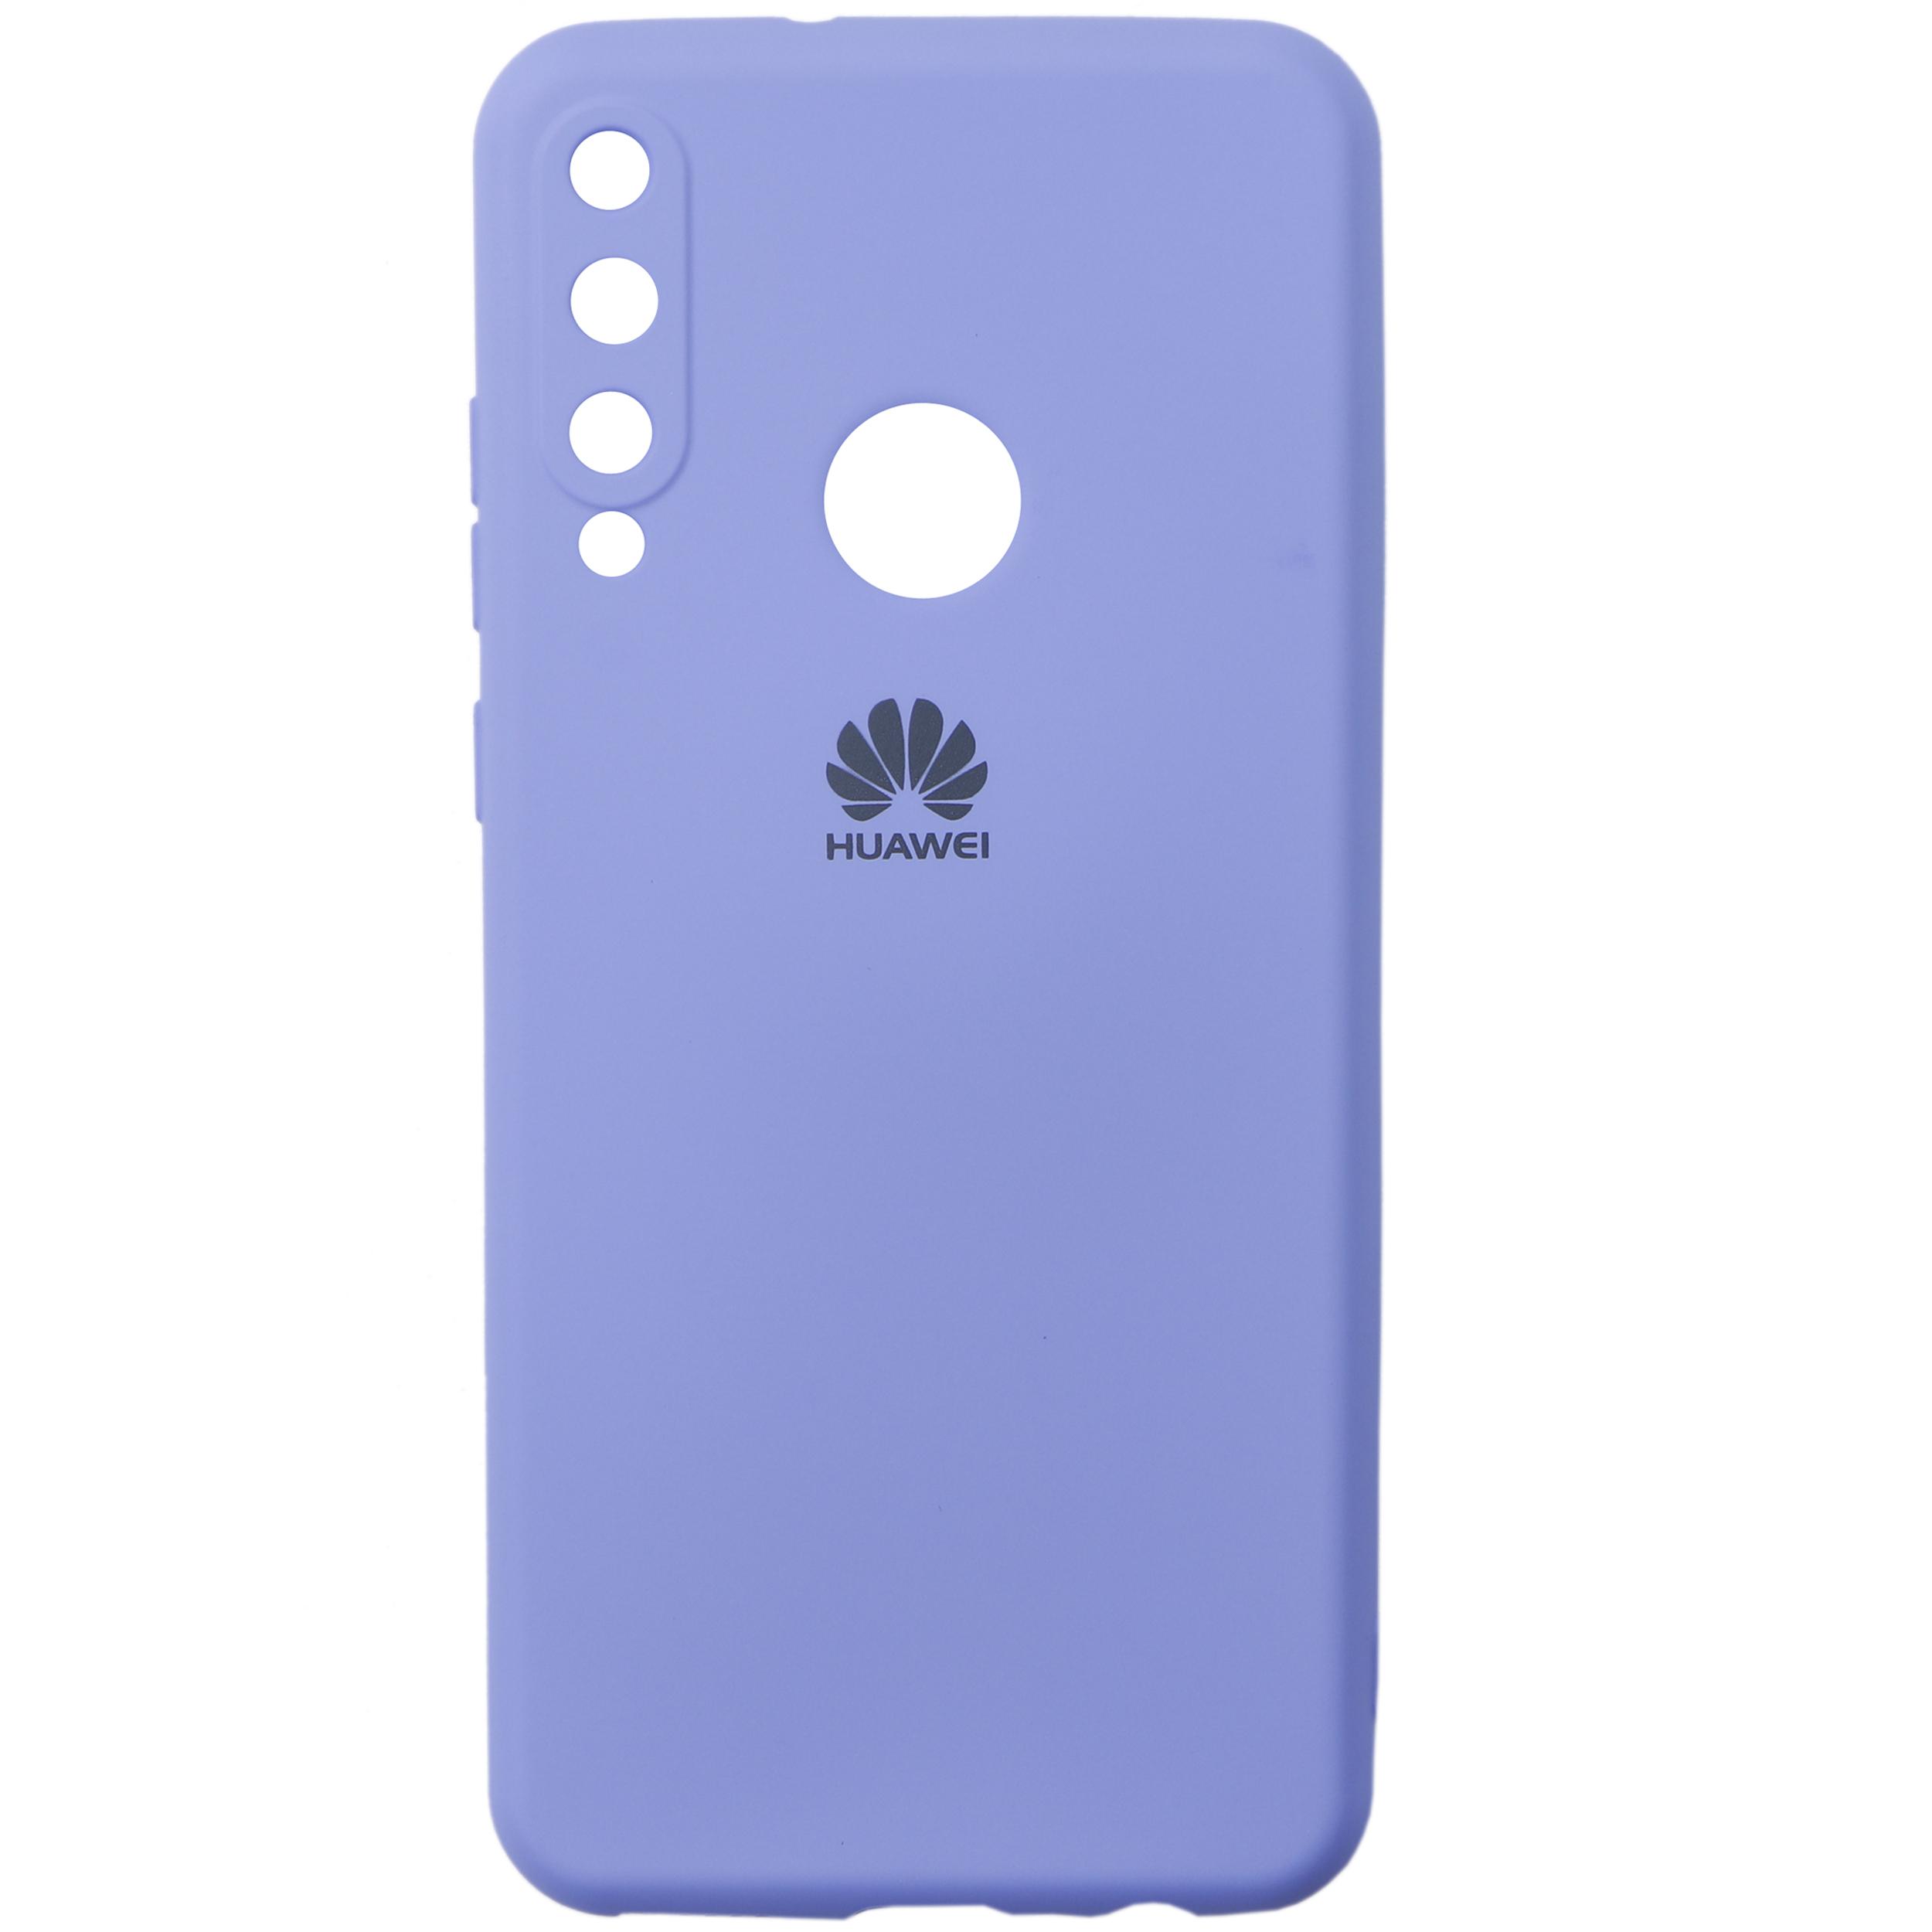 کاور مدل SLCN-01 مناسب برای گوشی موبایل هوآوی Y7 Prime 2020 / Y7P                     غیر اصل